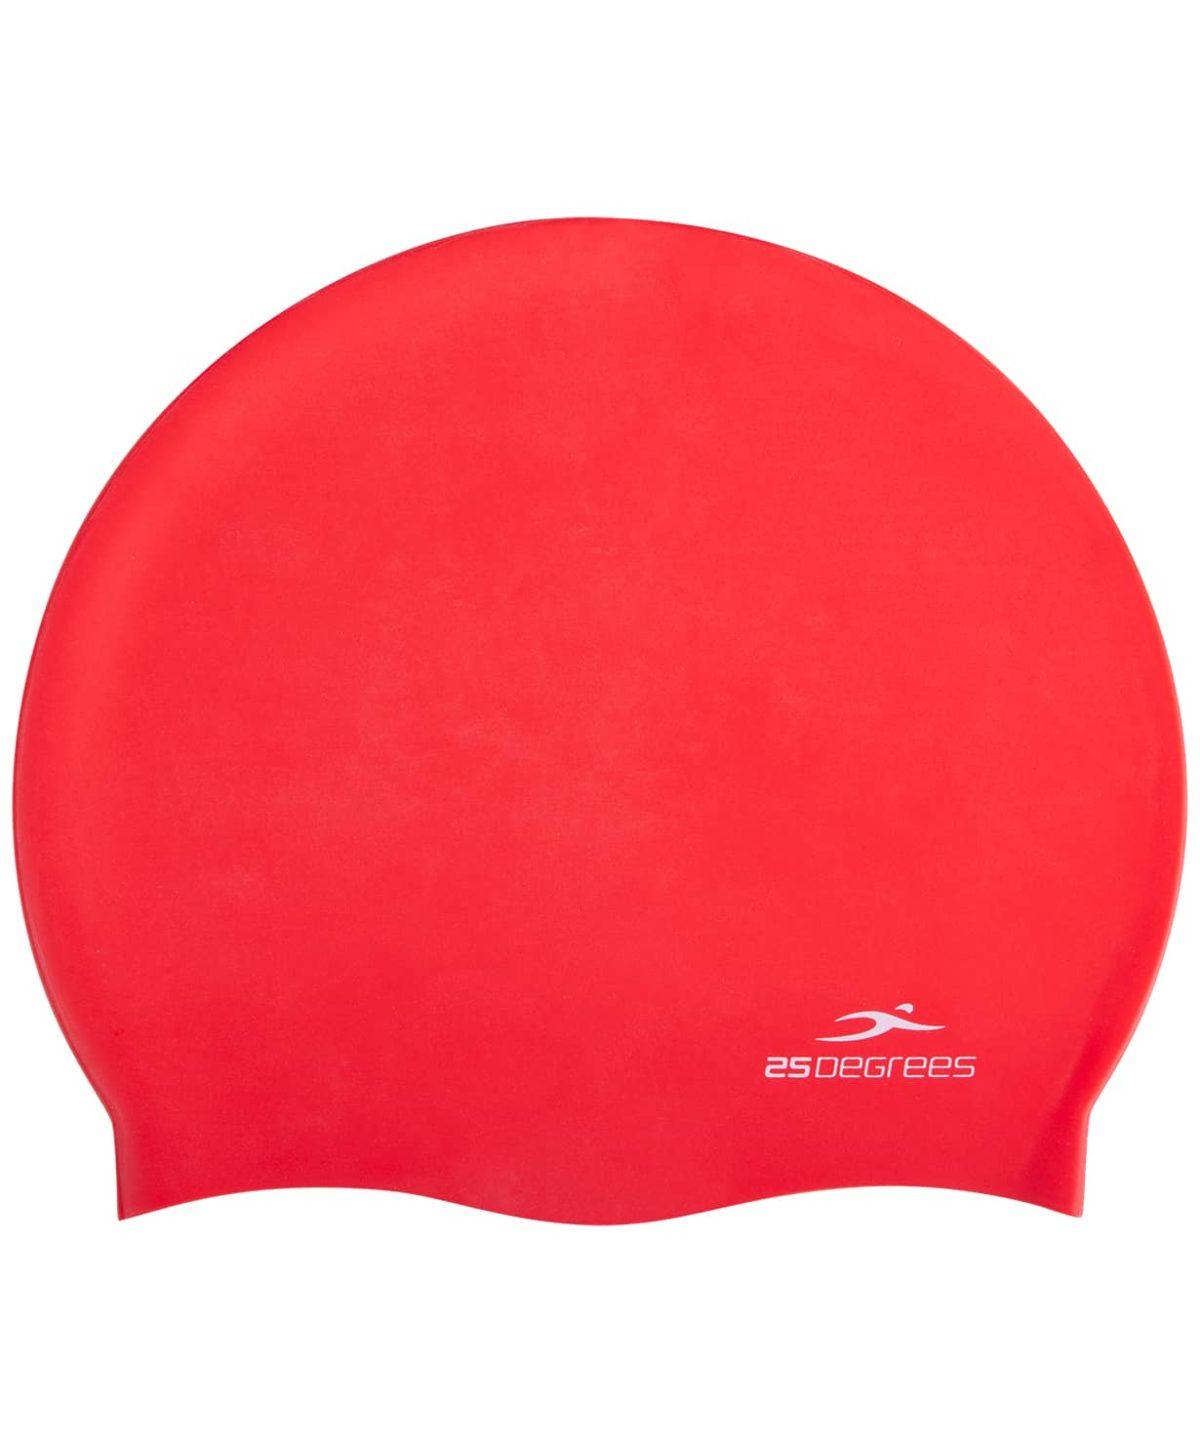 25DEGREES Шапочка для плавания Nuance, силикон  25D21004A: красный - 2